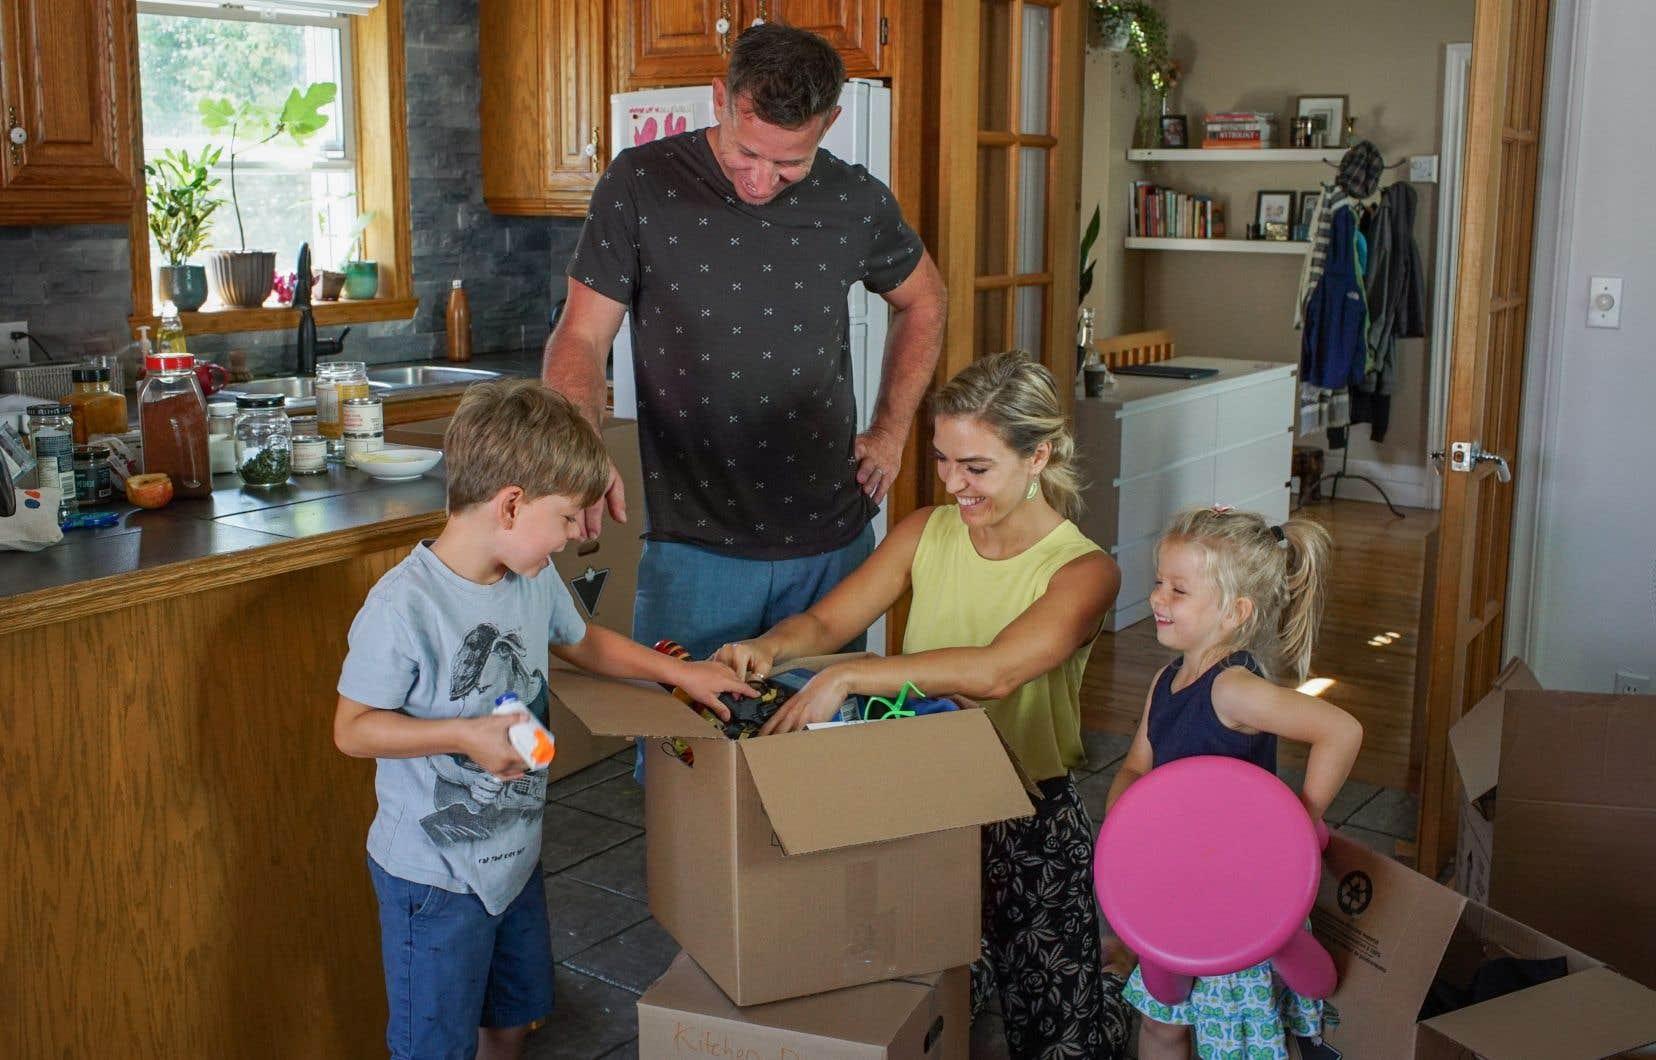 Le défi que s'est lancé la journaliste Évelyne Charuest est vertigineux. Vivre une année sans plastique avec son conjoint et leurs deux jeunes enfants.